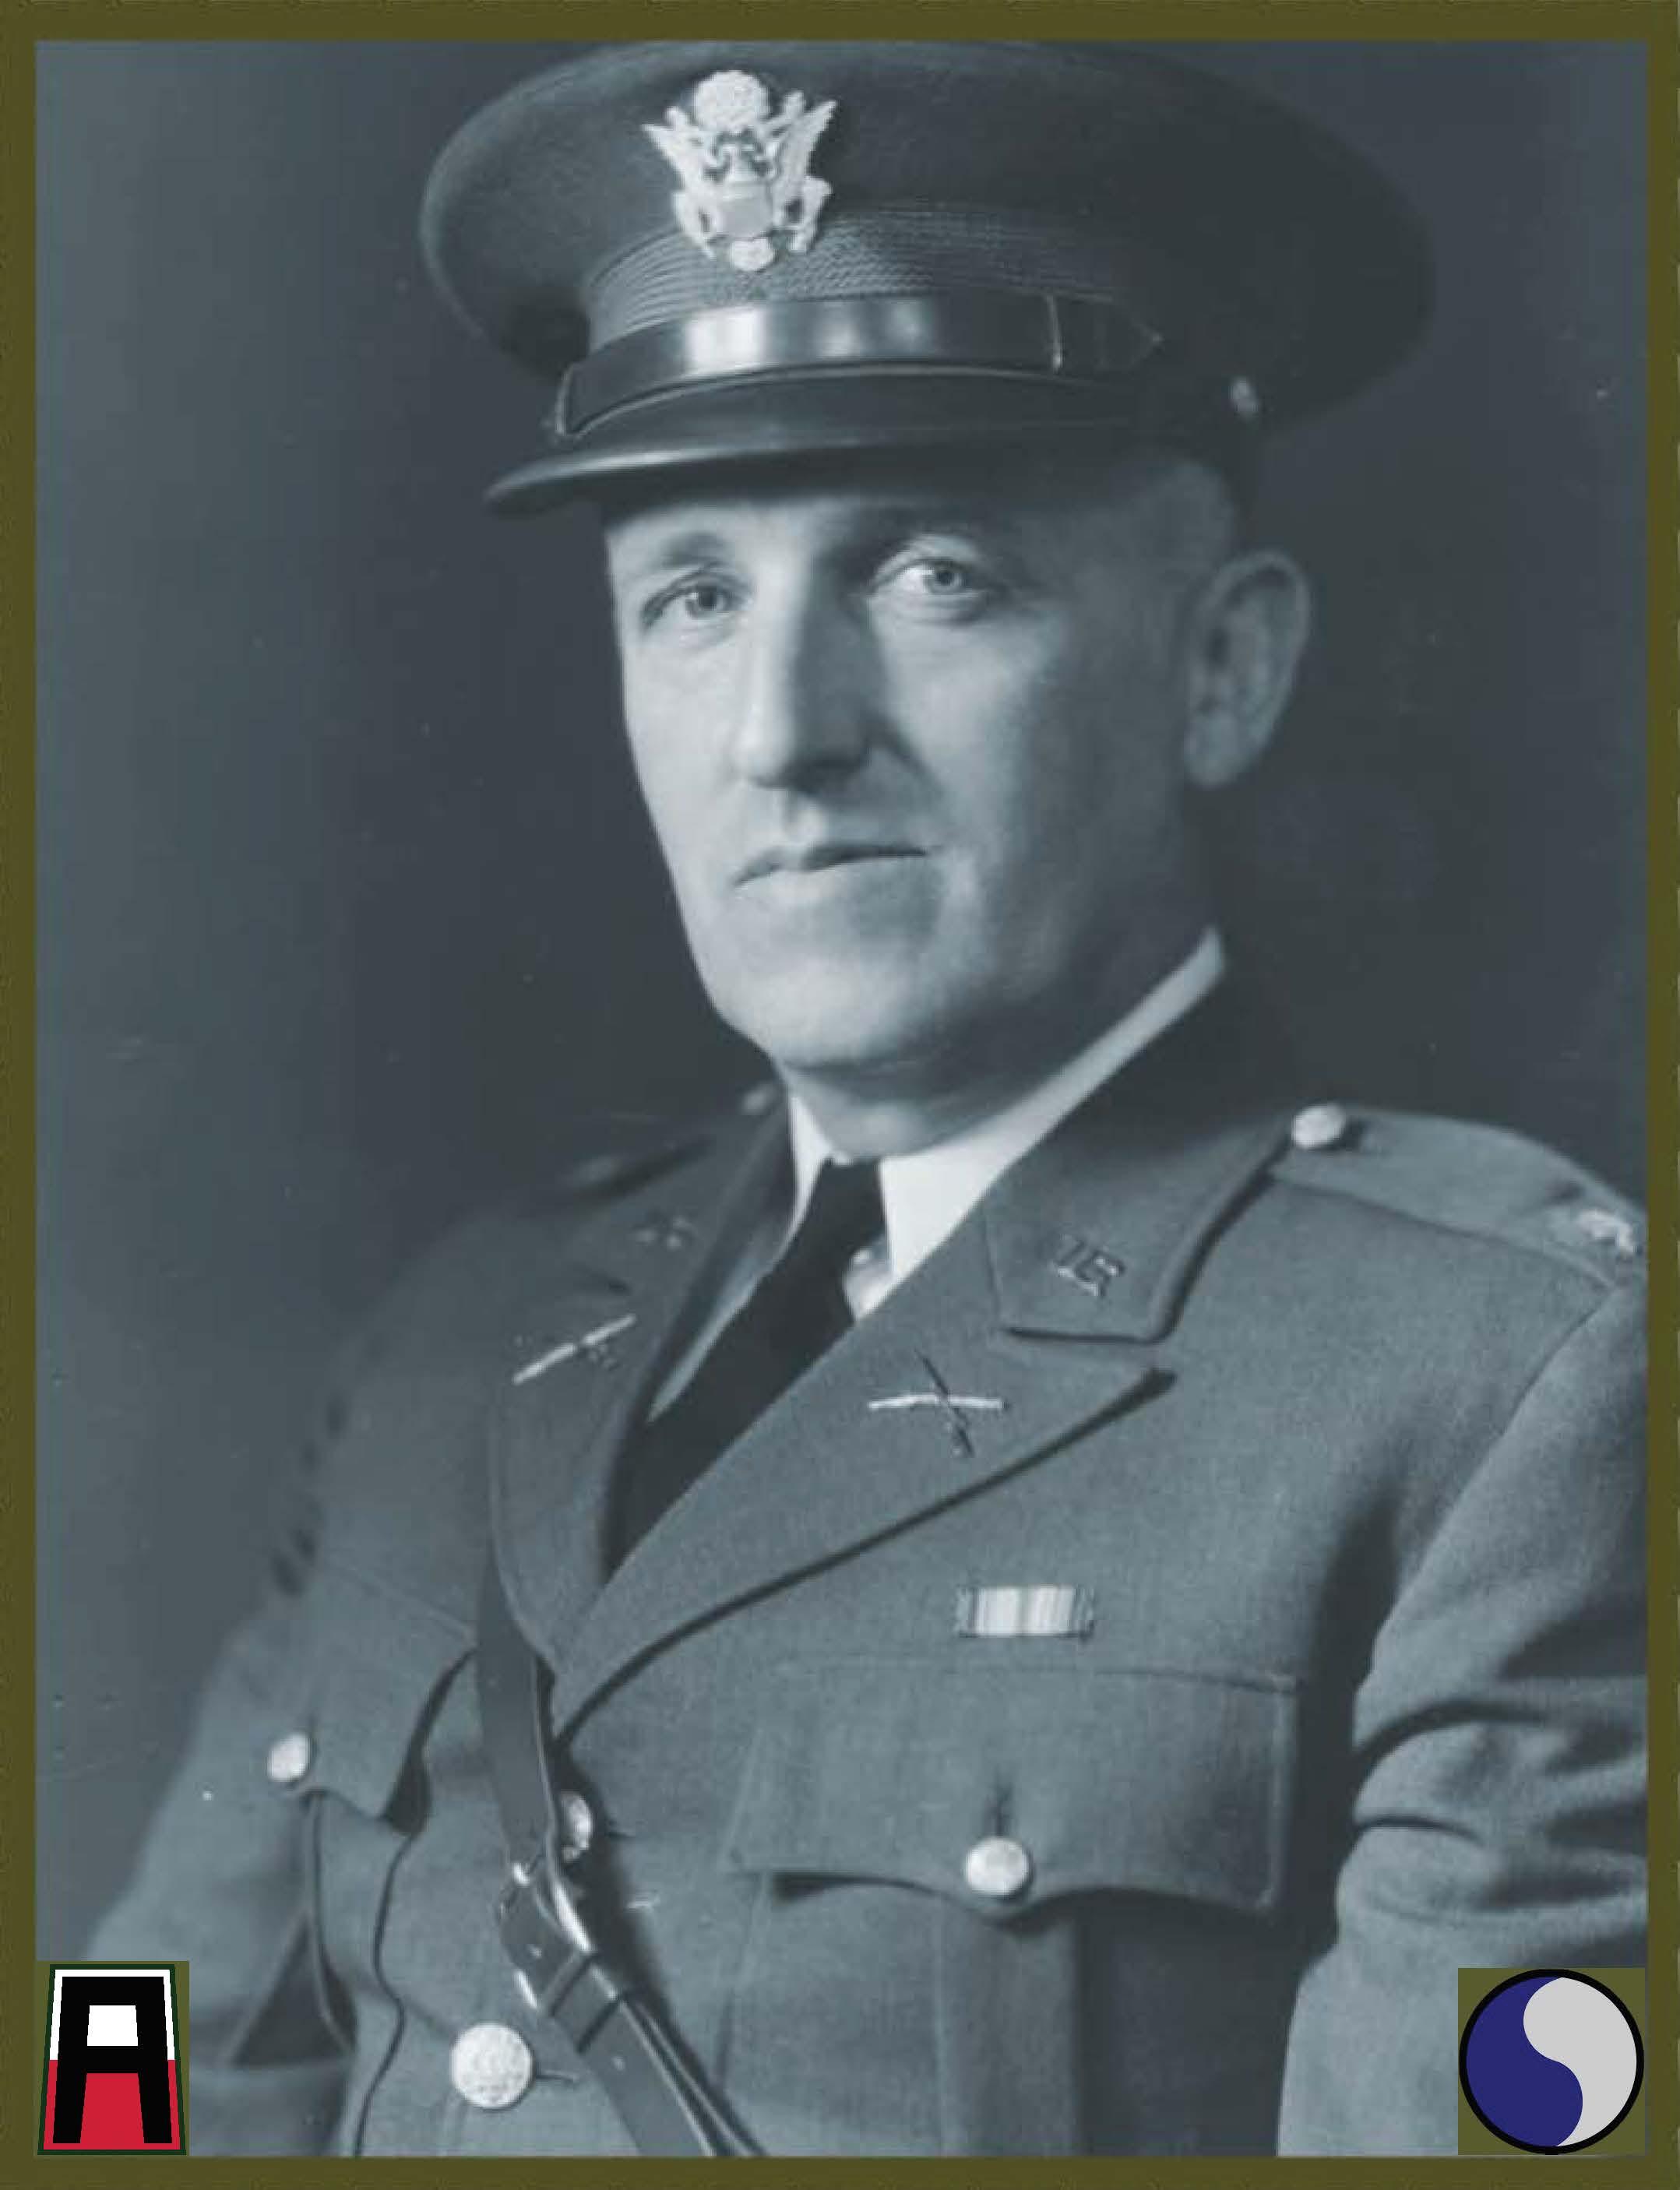 General Cota insignia